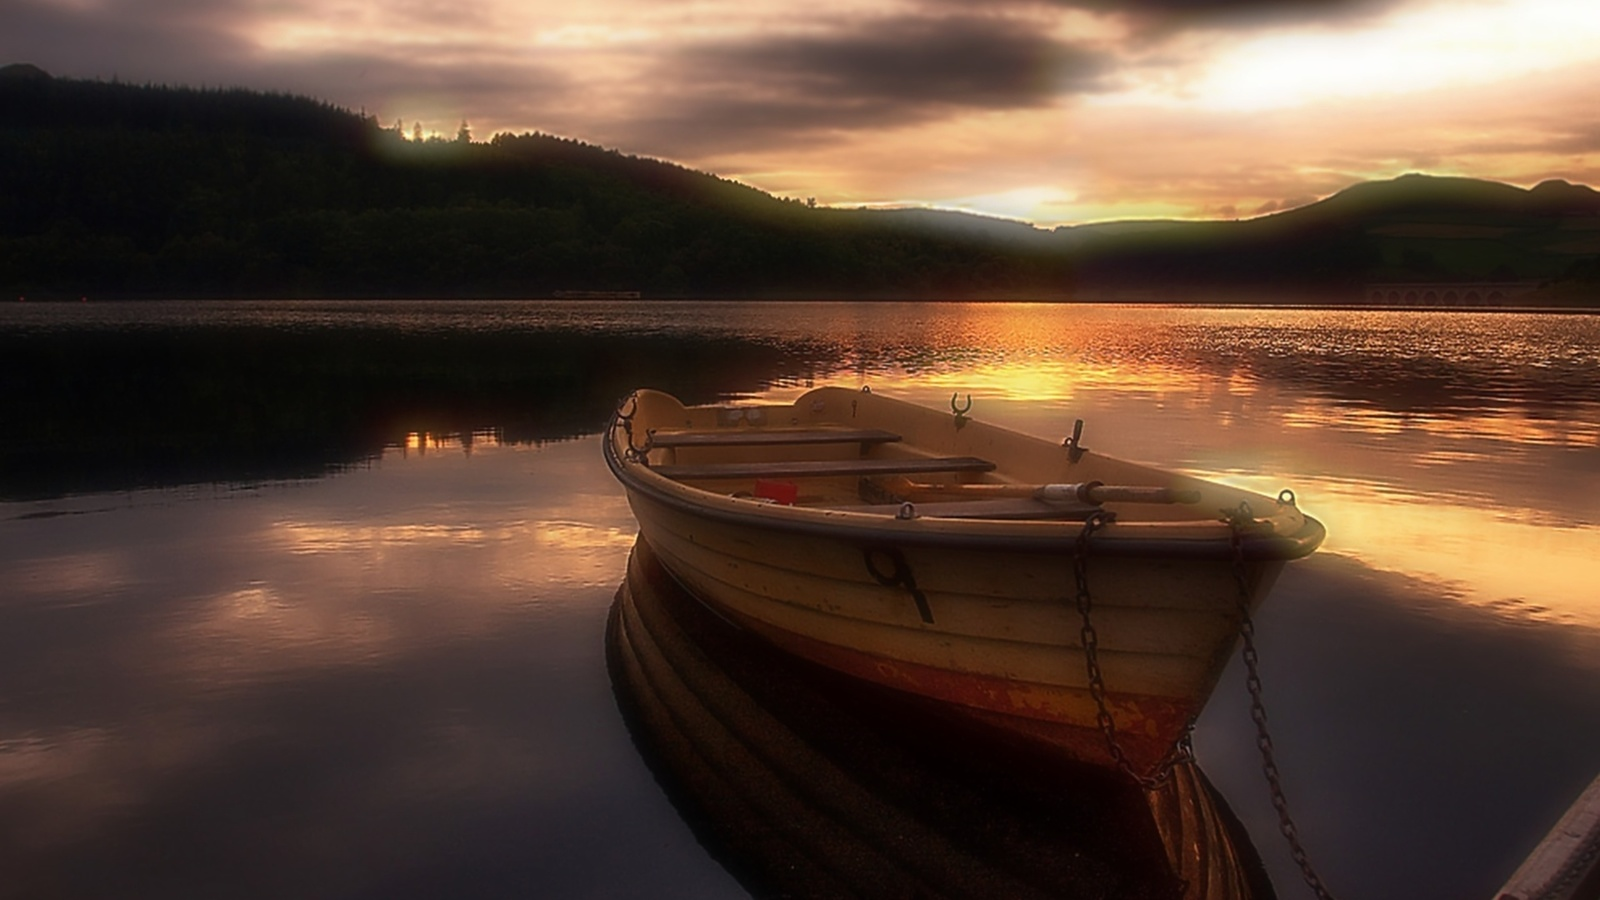 Днем рождения, картинки с лодками красивые